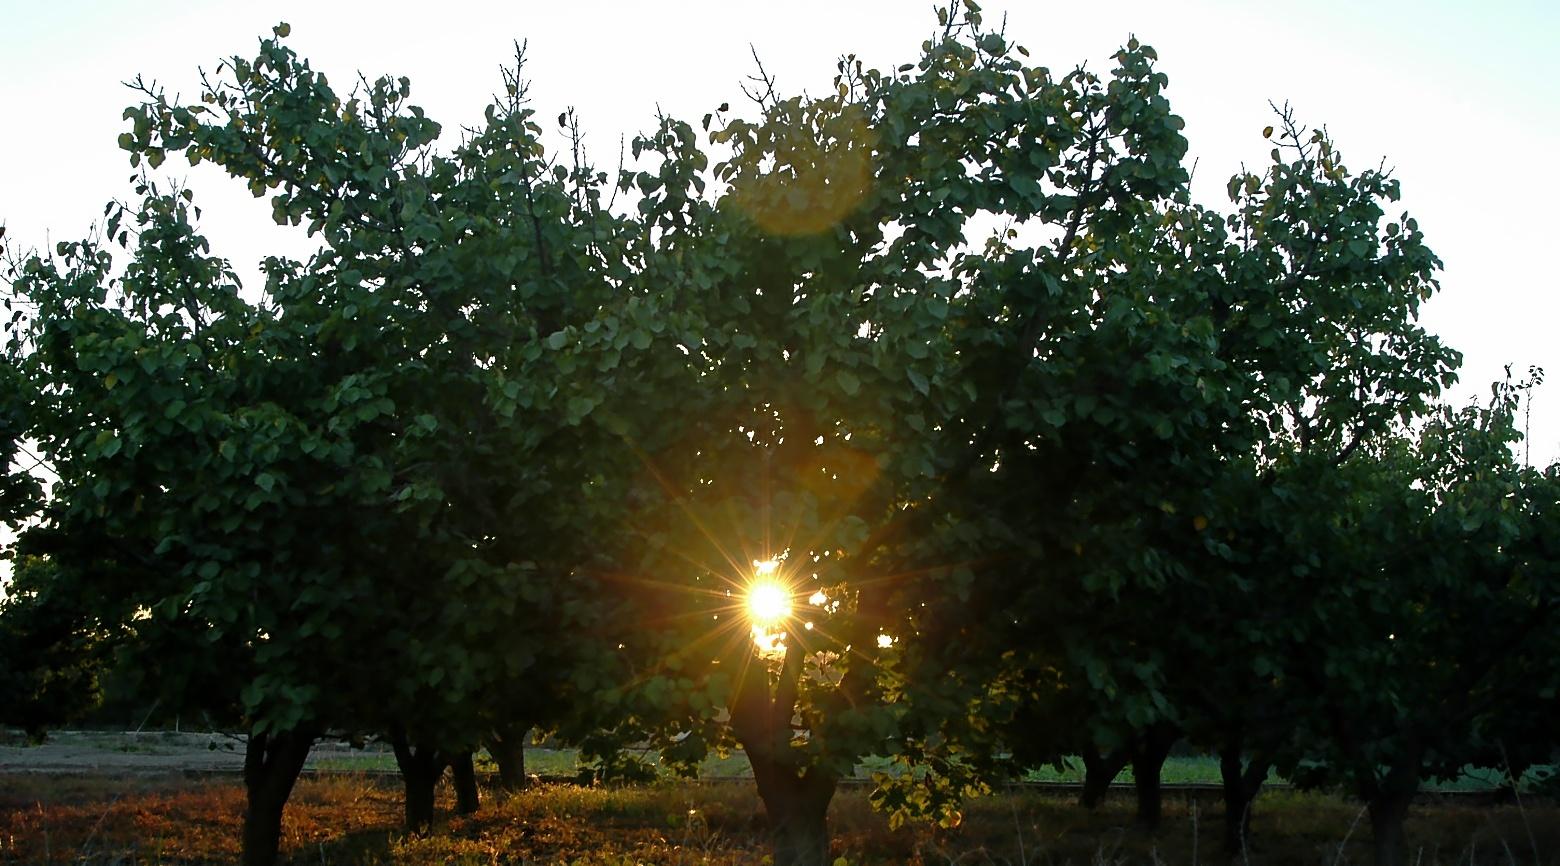 Imagen de varios naranjos en una explotación agrícola.